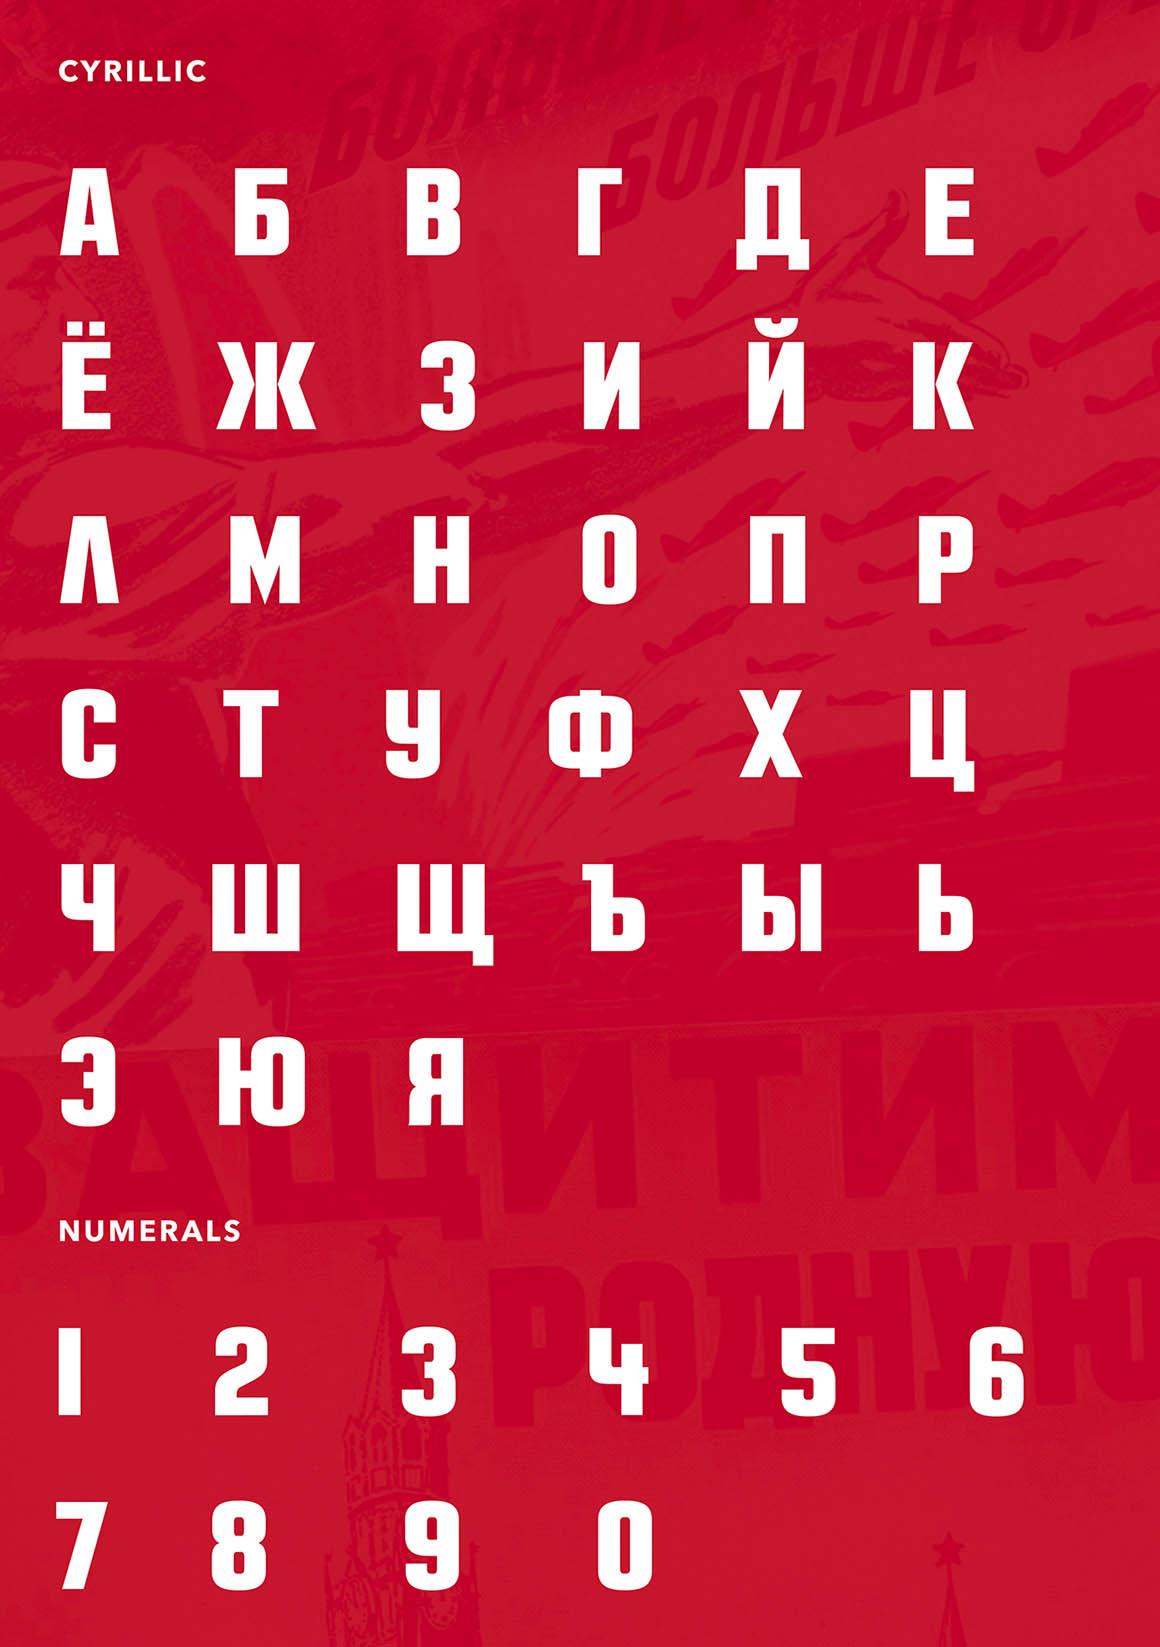 kulag3